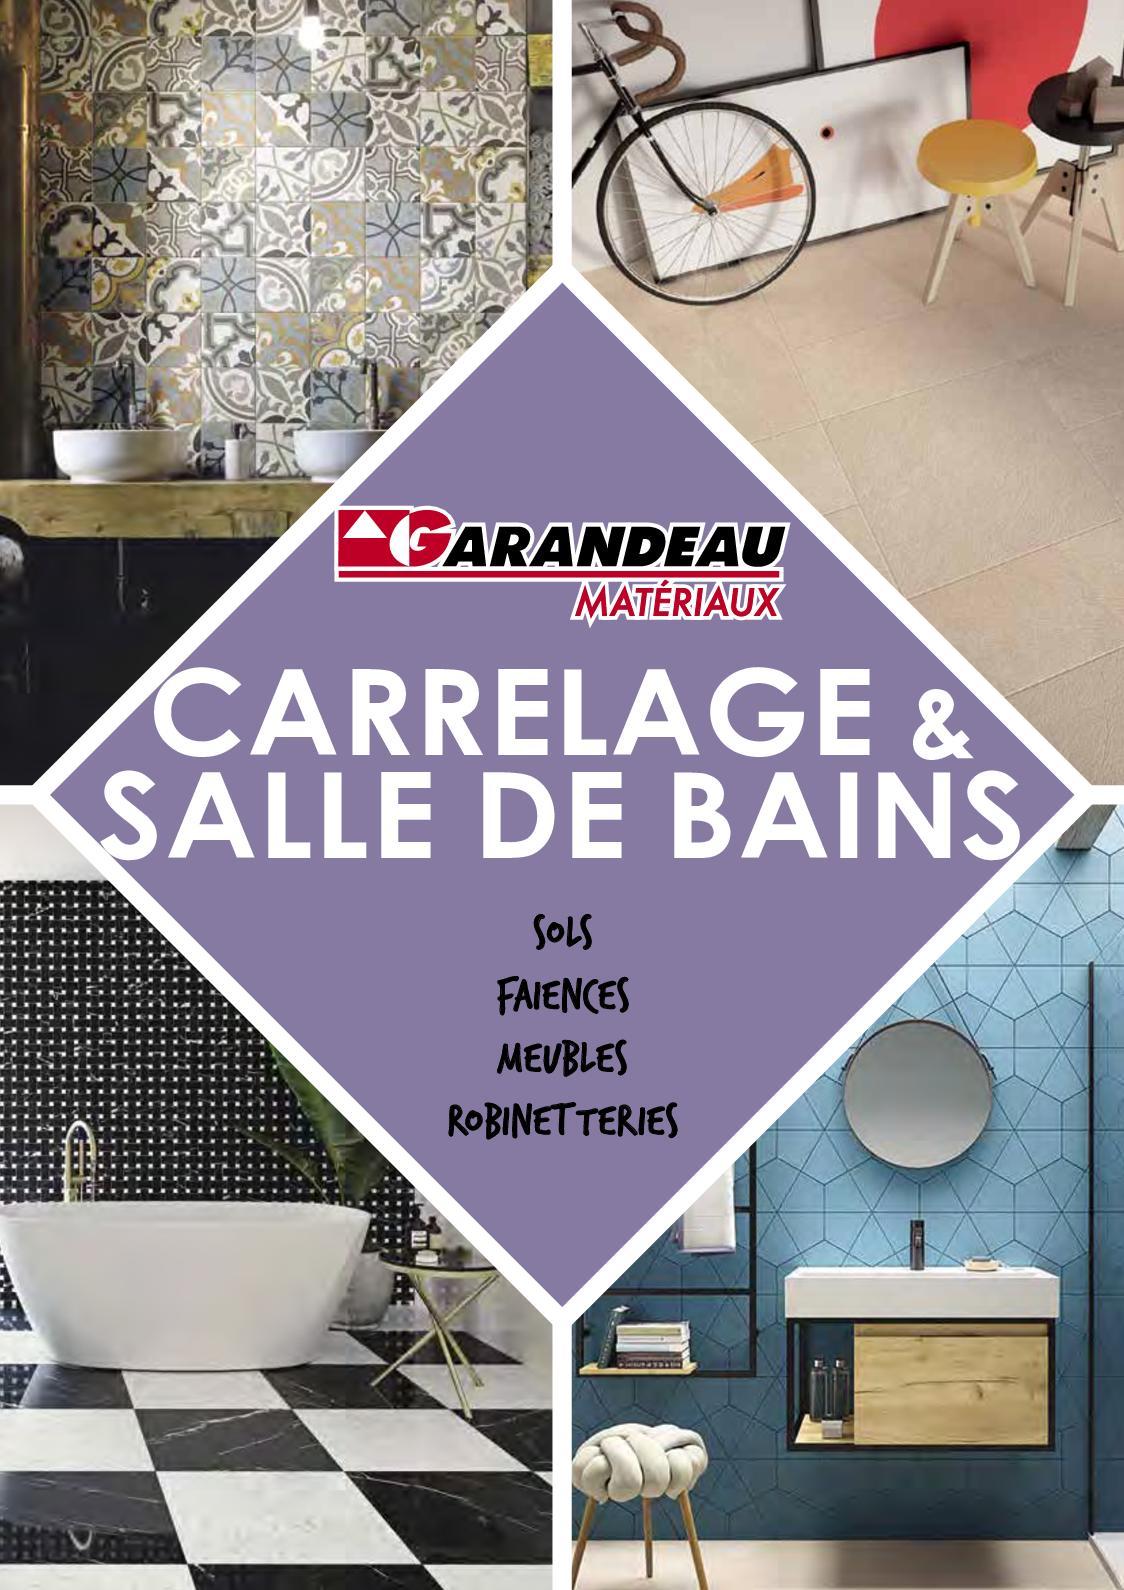 Stratifié Compressé Salle De Bain calaméo - garandeau carrelage & salle de bains 2019